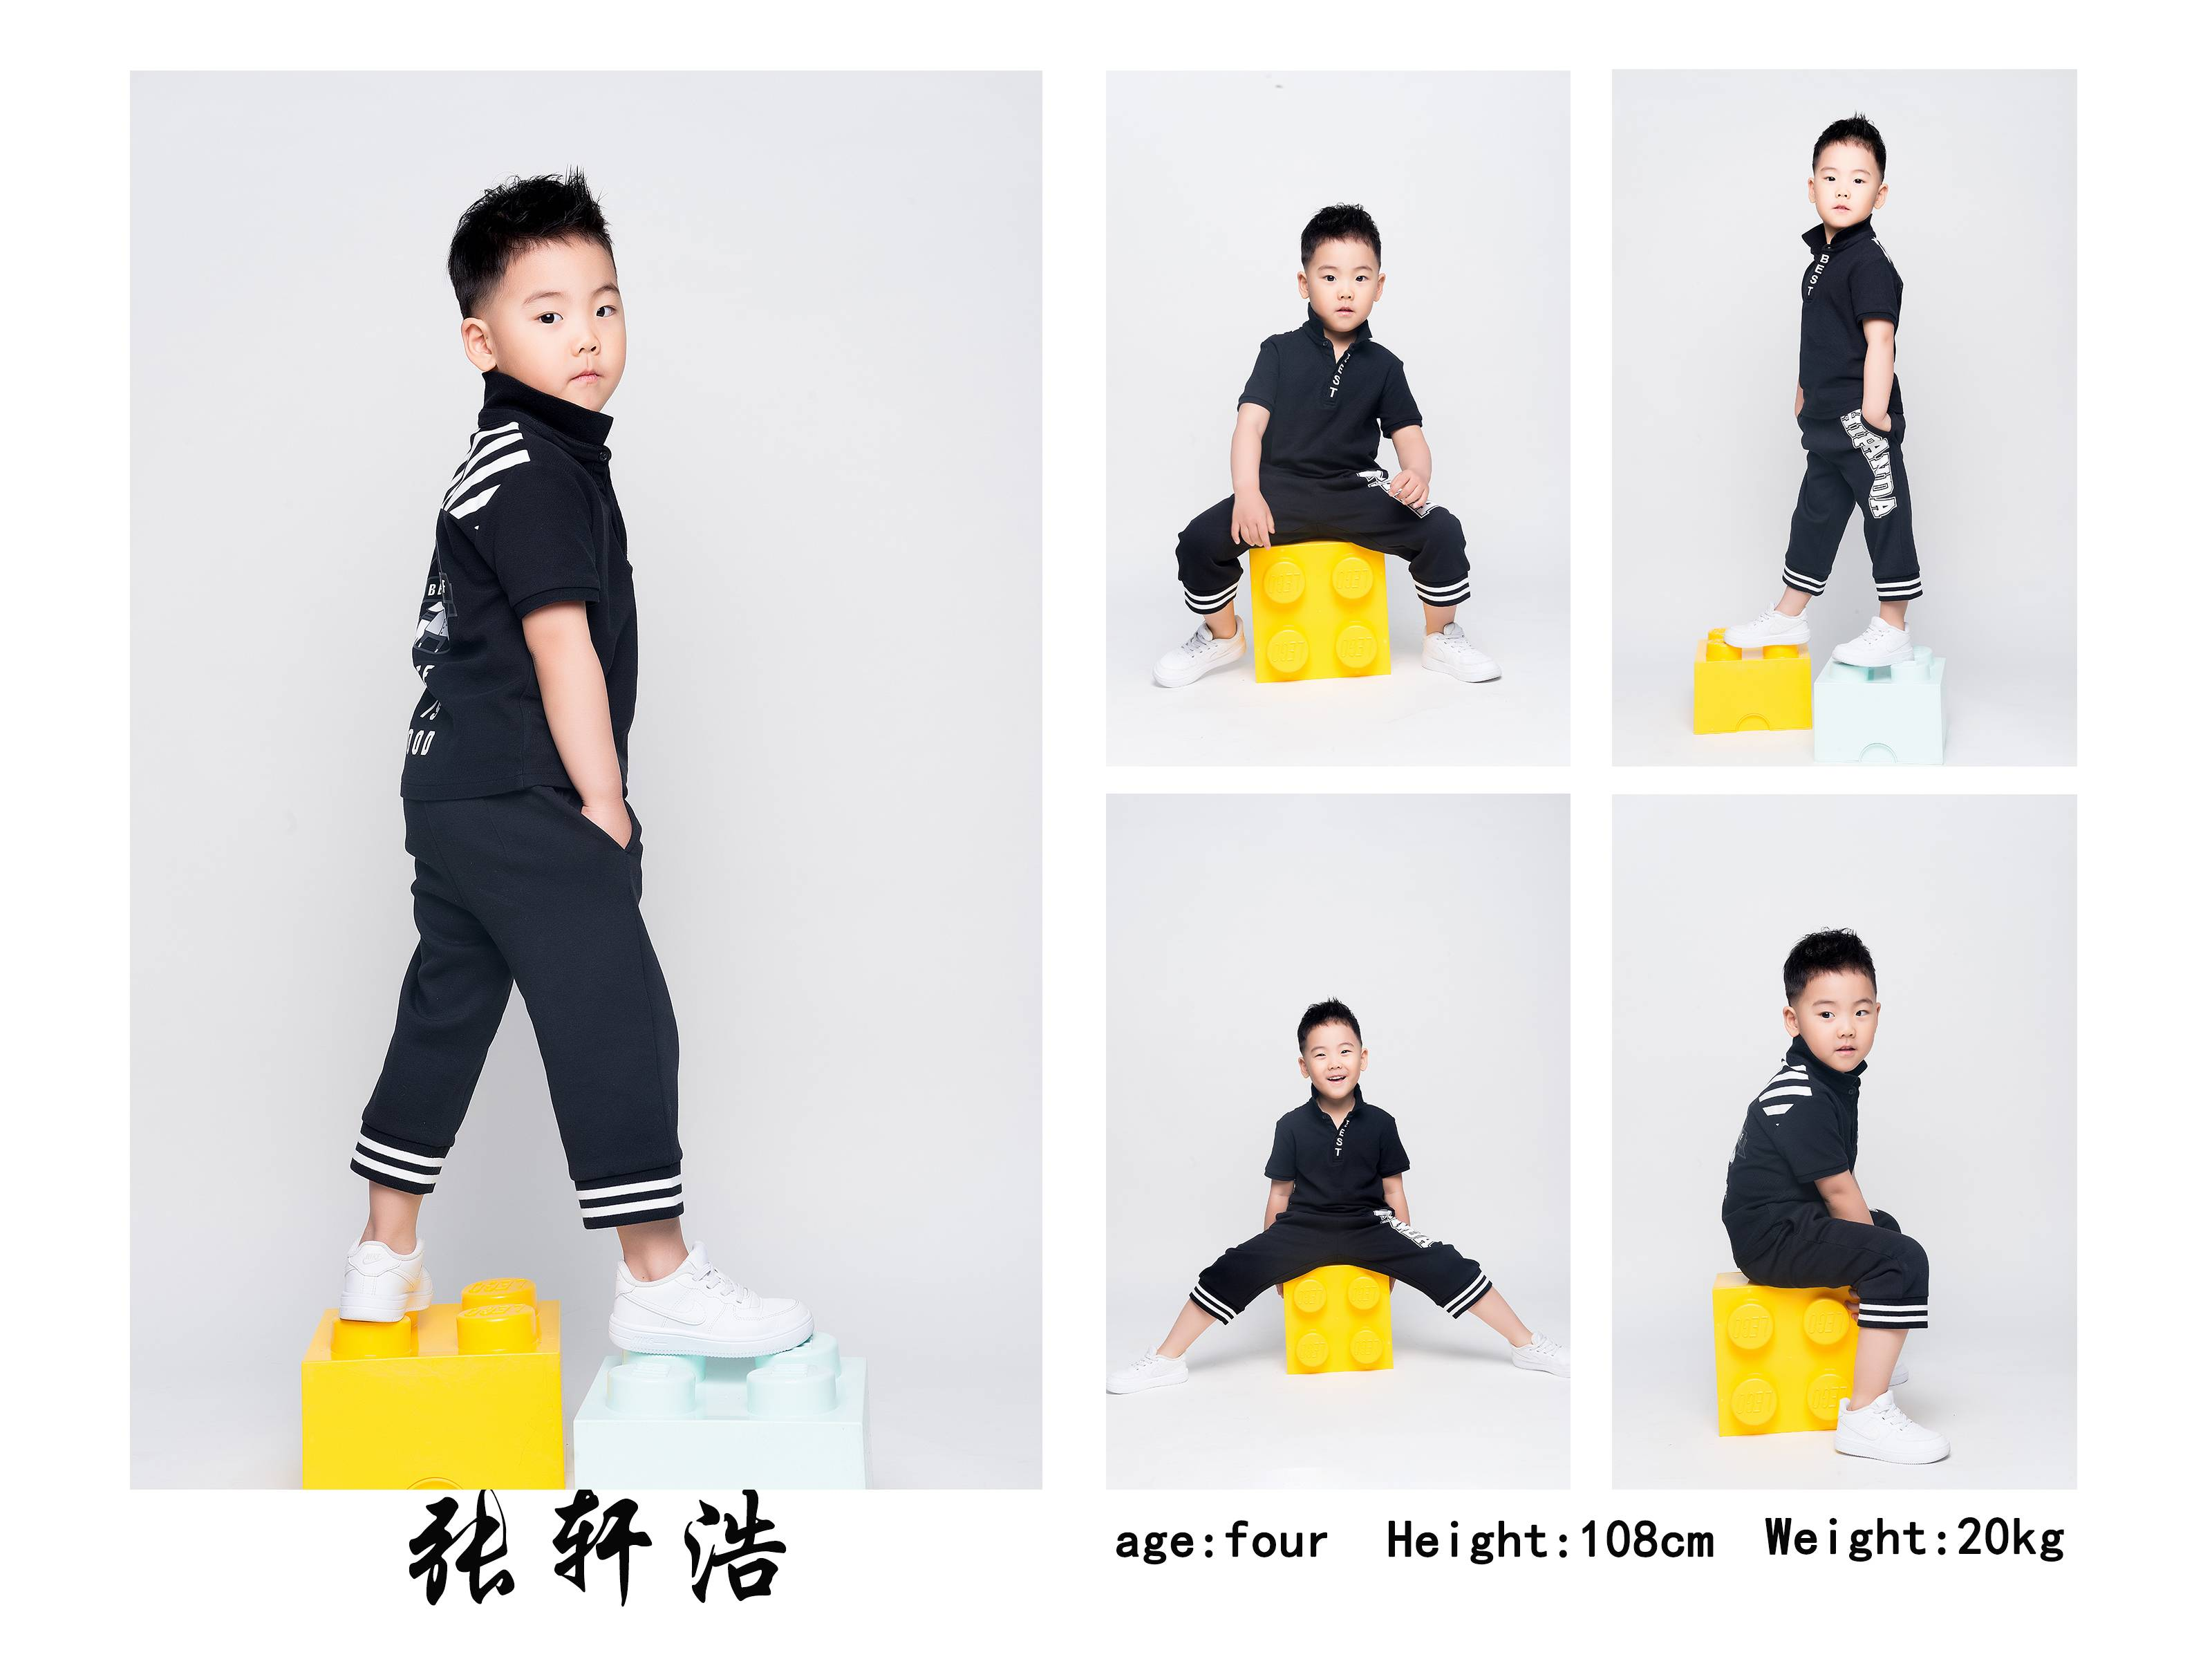 小演员张轩浩